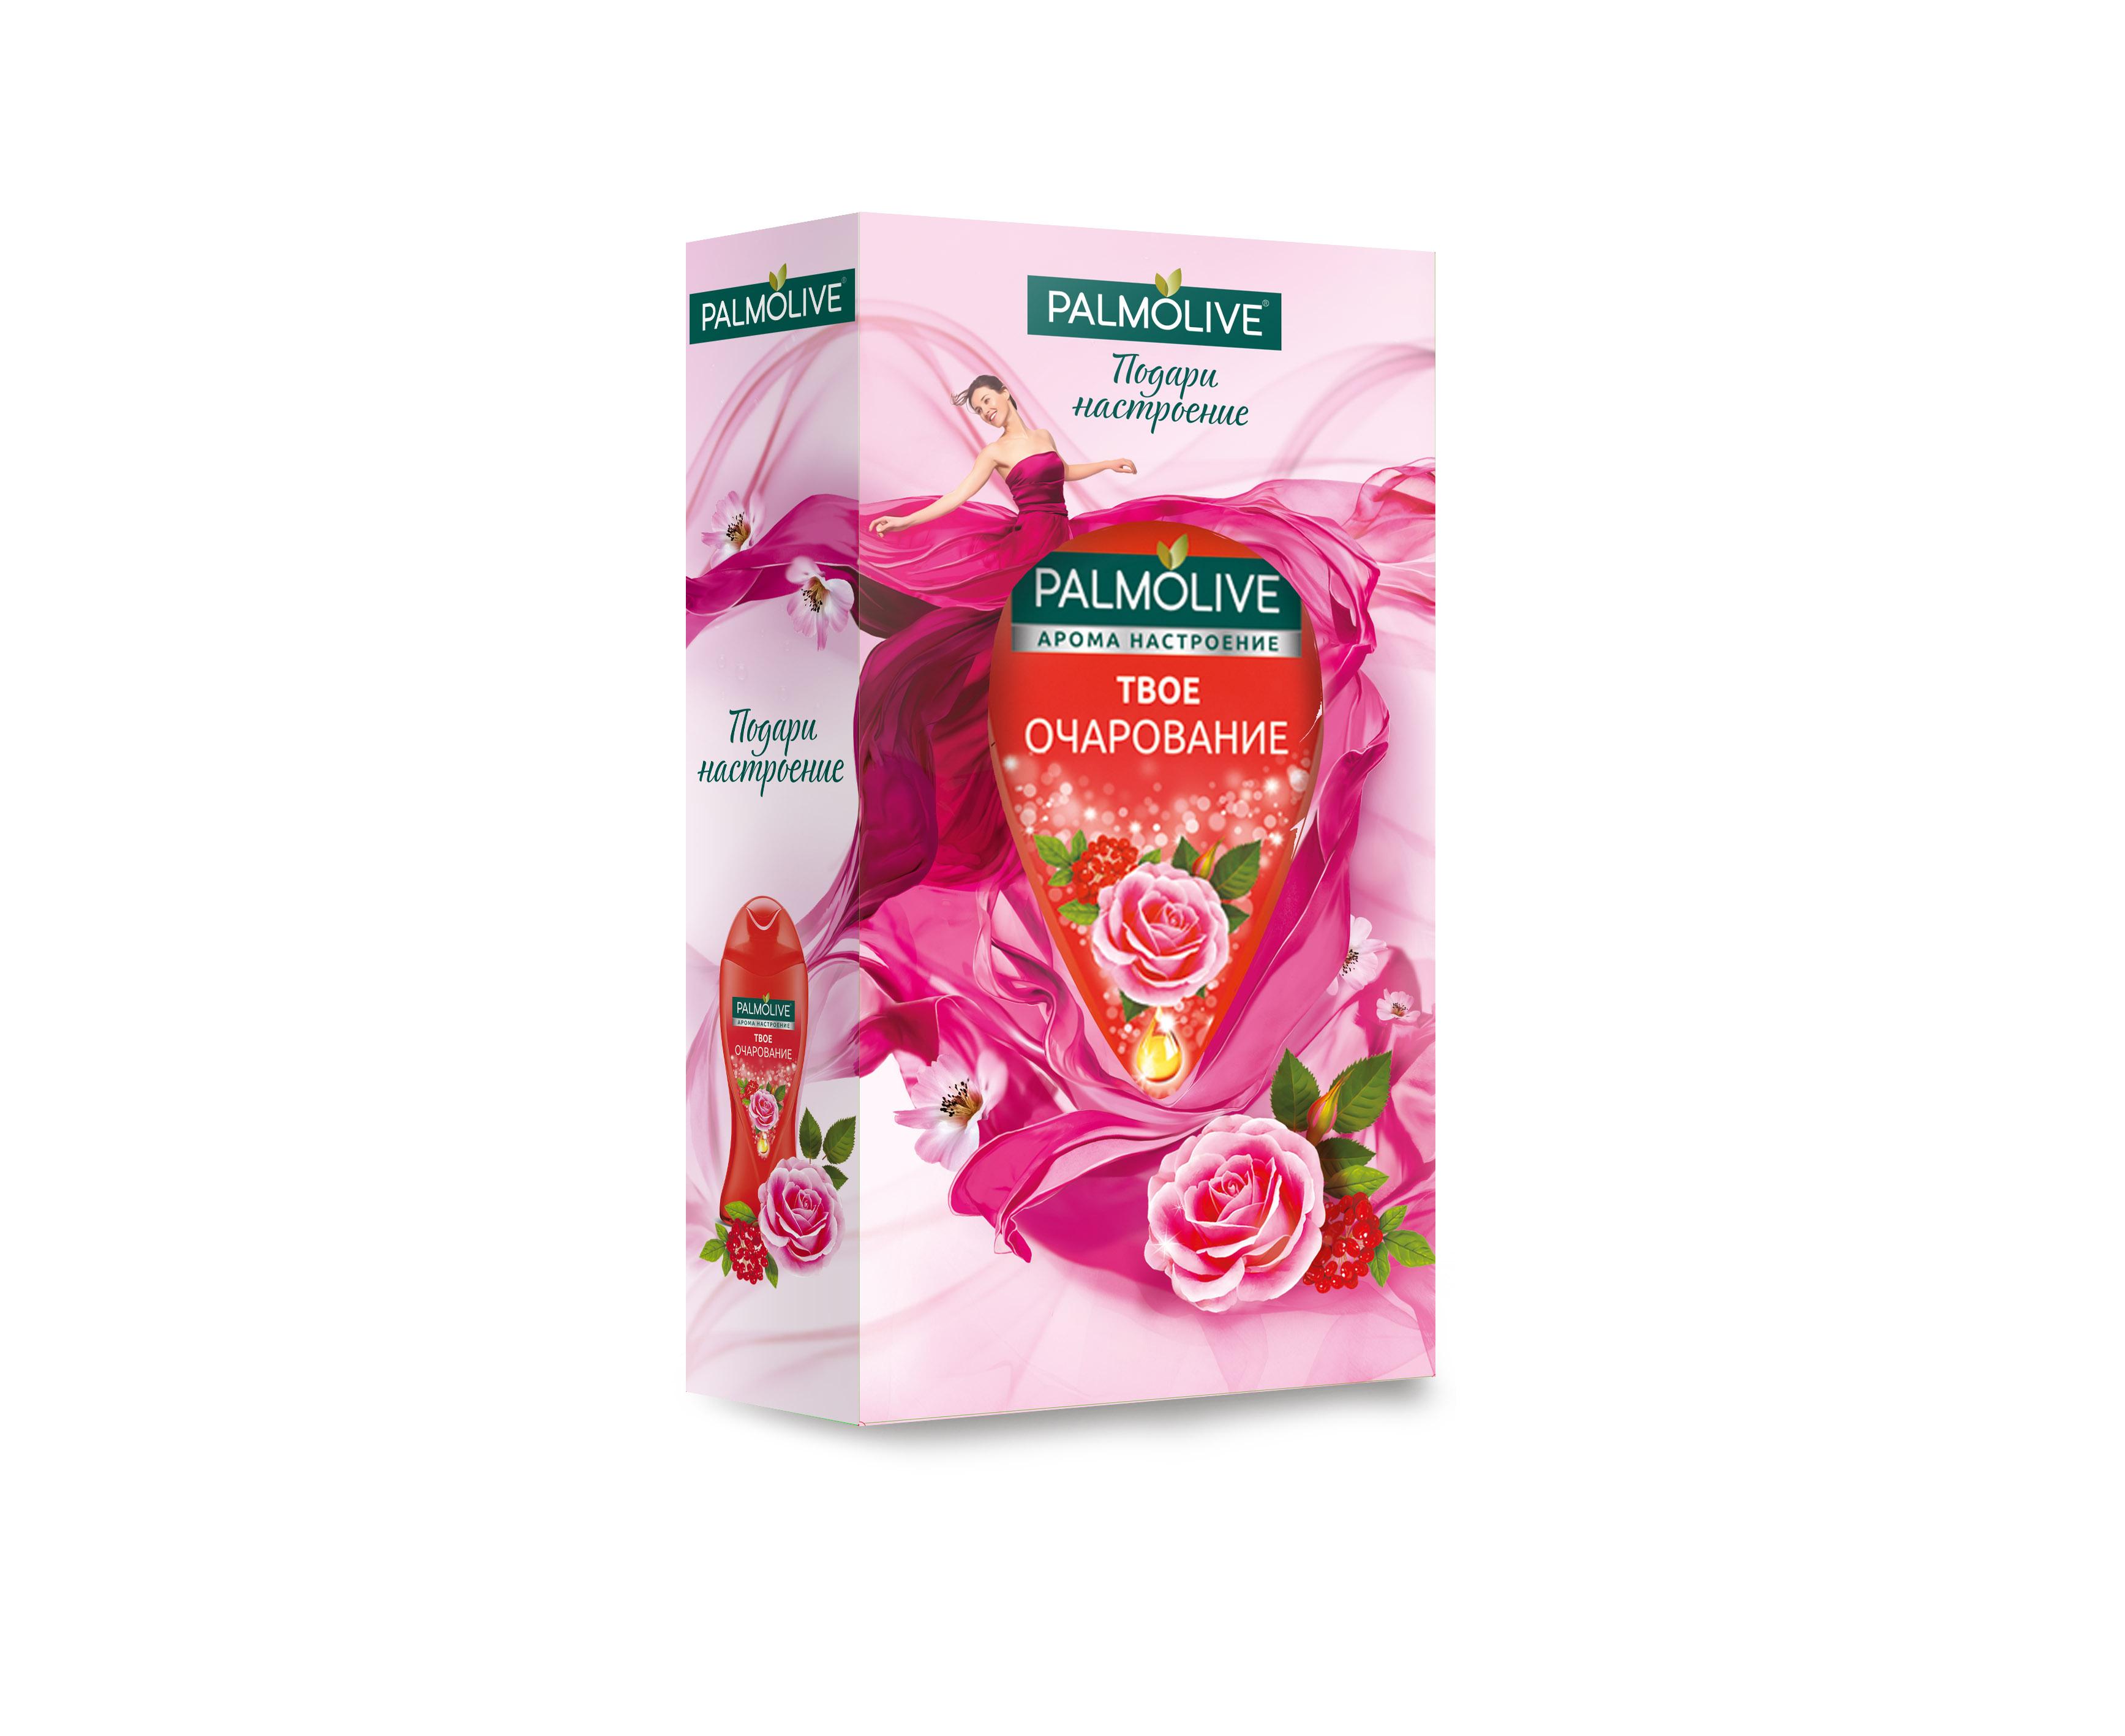 Подарочный набор Palmolive Арома Настроение Твое Очарование в косметичке palmolive гель для душа арома настроение твое очарование 250мл